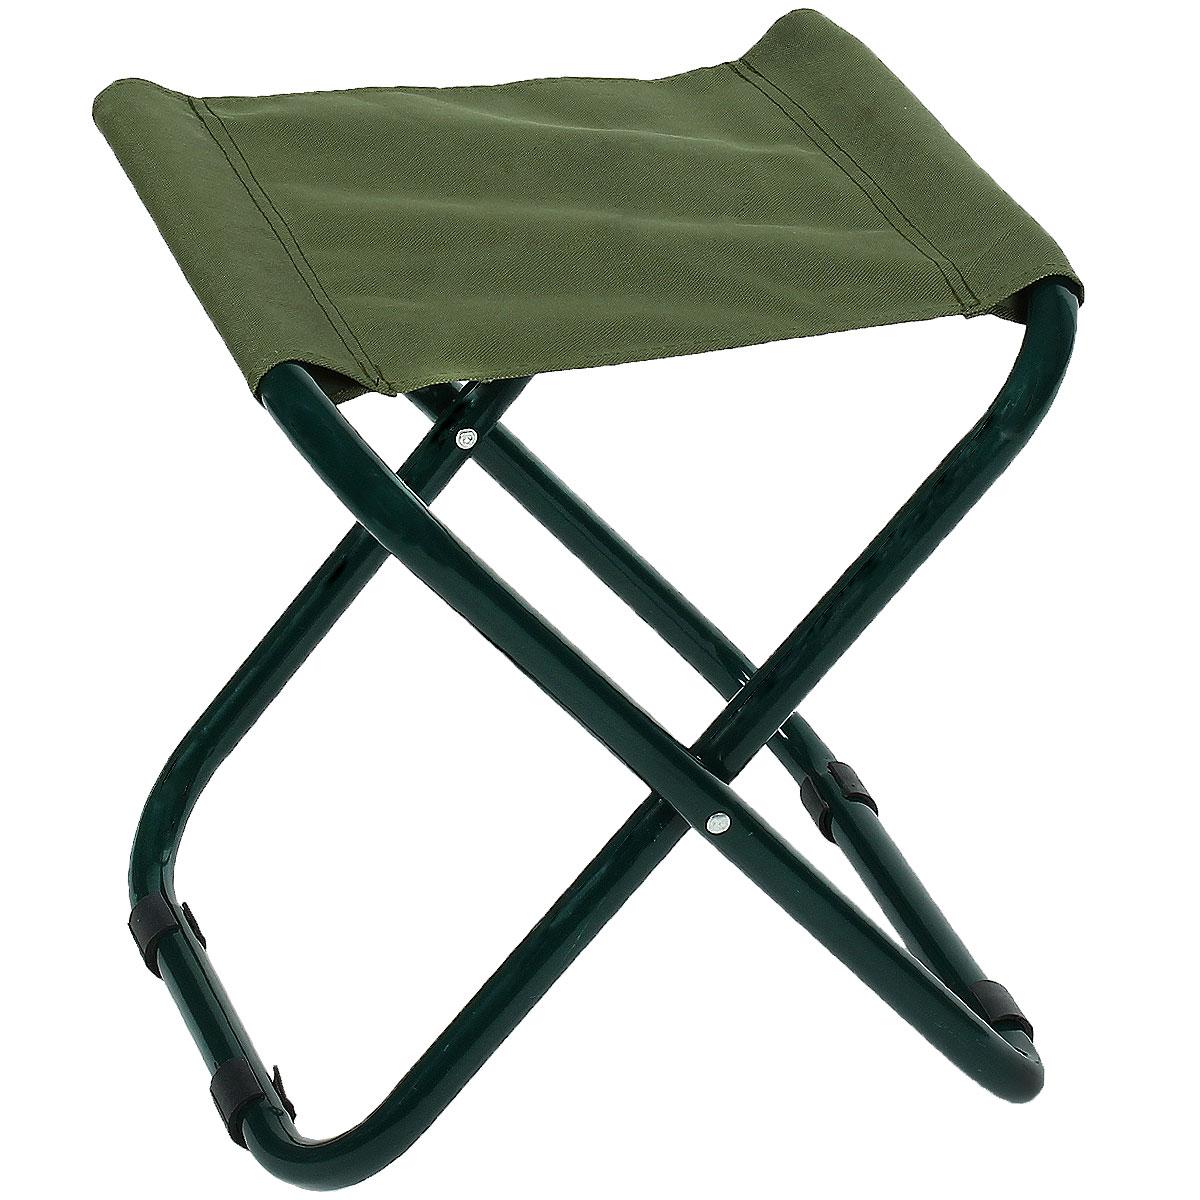 Стул складной Happy Camper, цвет: хакиC-015Стул складной Happy Camper - это незаменимый предмет походной мебели, очень удобен в эксплуатации. Каркас изготовлен из прочной и долговечной стали, устойчивой к погодным условиям. Стул легко собирается и разбирается и не занимает много места, поэтому подходит для транспортировки и хранения дома. Складной табурет прекрасно подойдет для комфортного отдыха на даче или в походе.Материал: 600D ПВХ, каркас - сталь, диаметром 22 мм.Максимальная нагрузка: 60 кг.